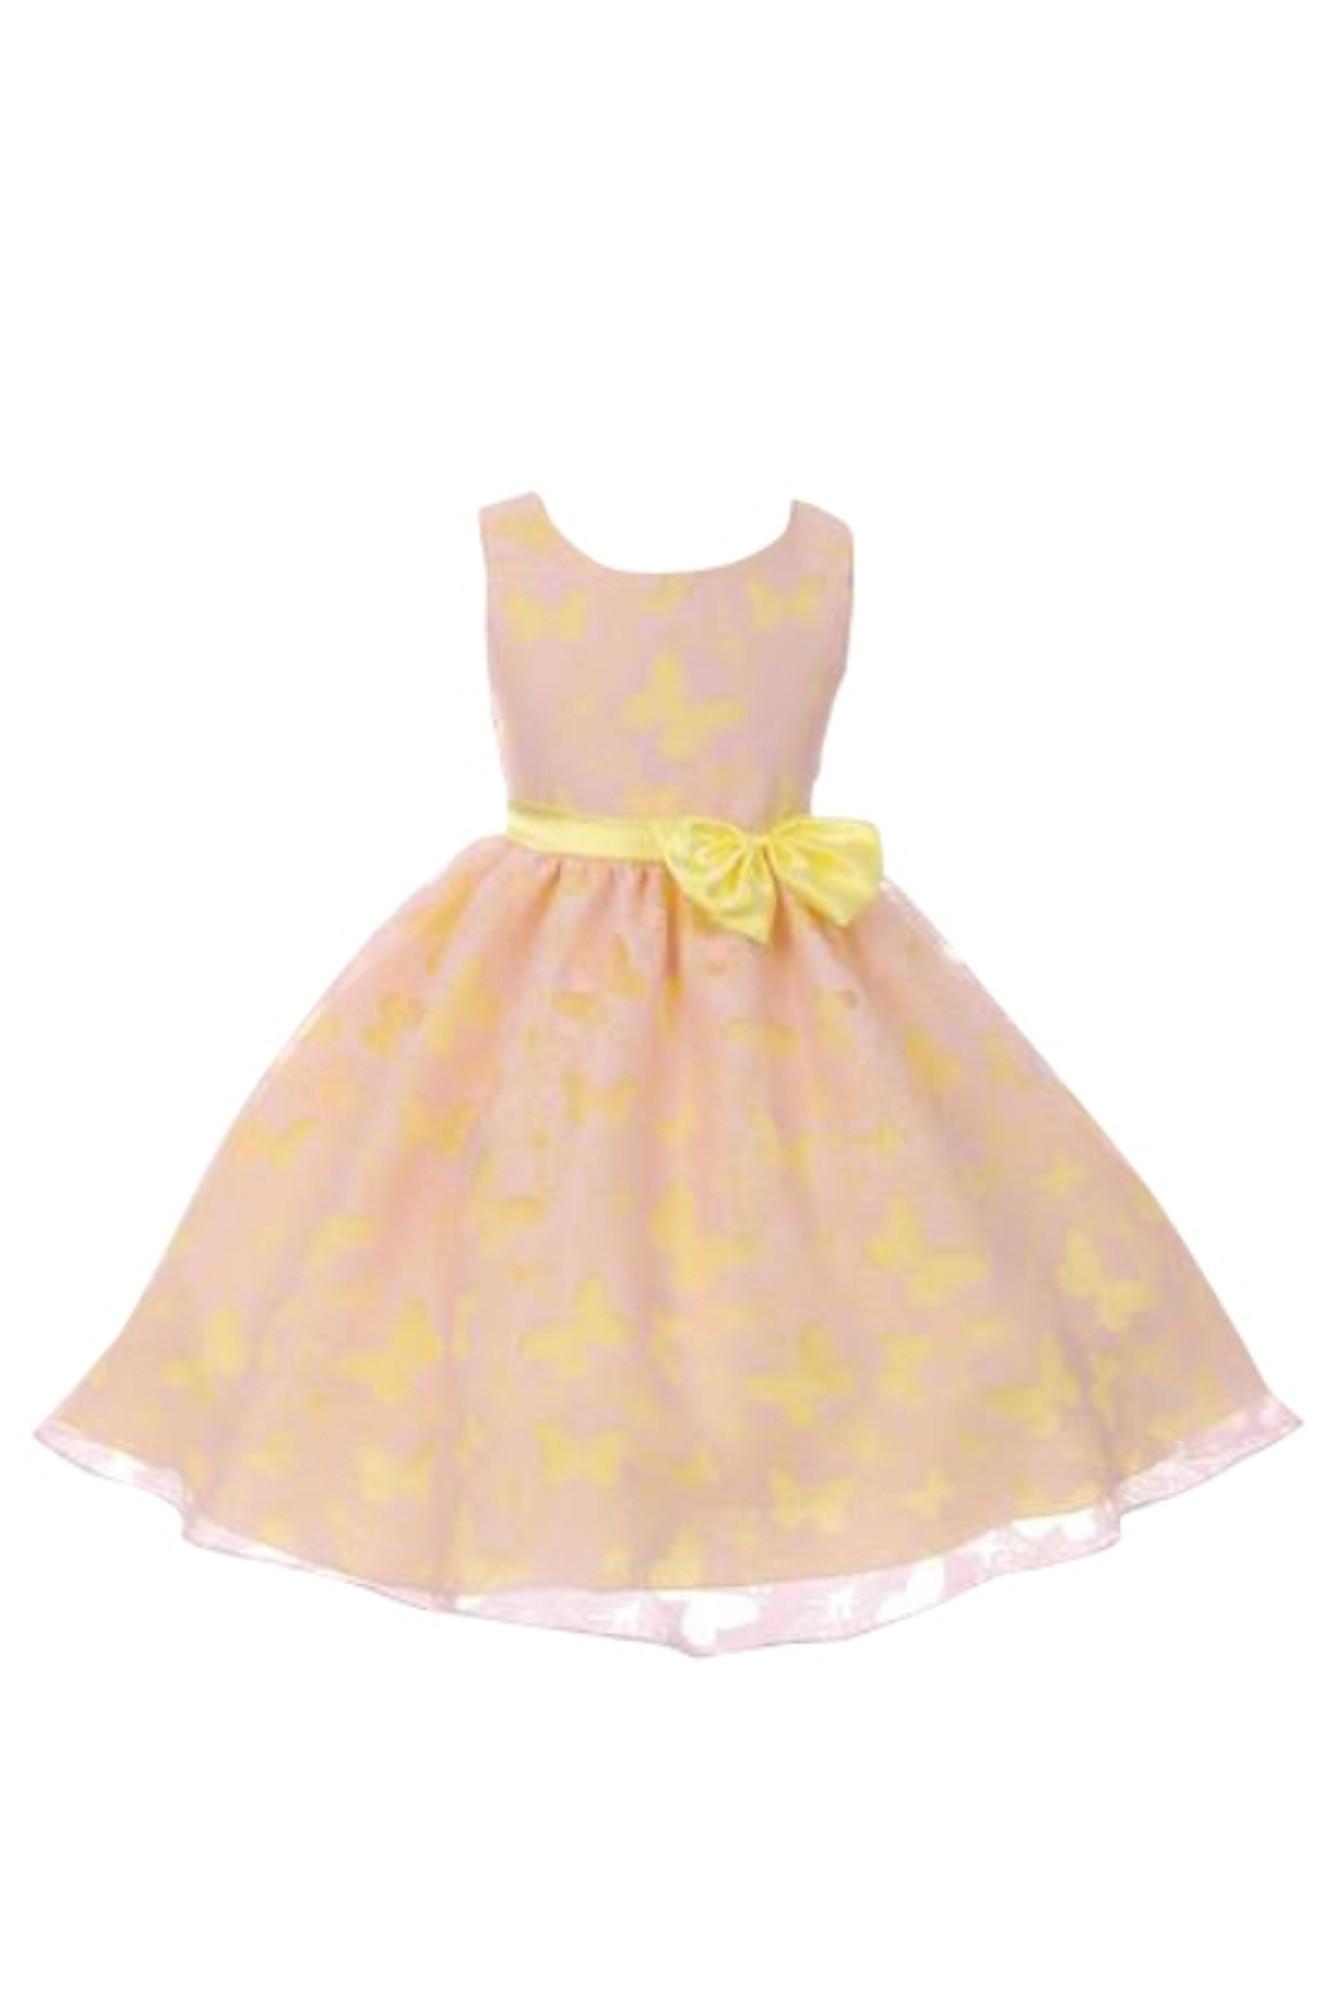 BIMARO Mädchen Kleid Romy rosa gelb festlich Schmetterlinge Festkleid Organza Satin Taufe Hochzeit Blumenmädchen  001